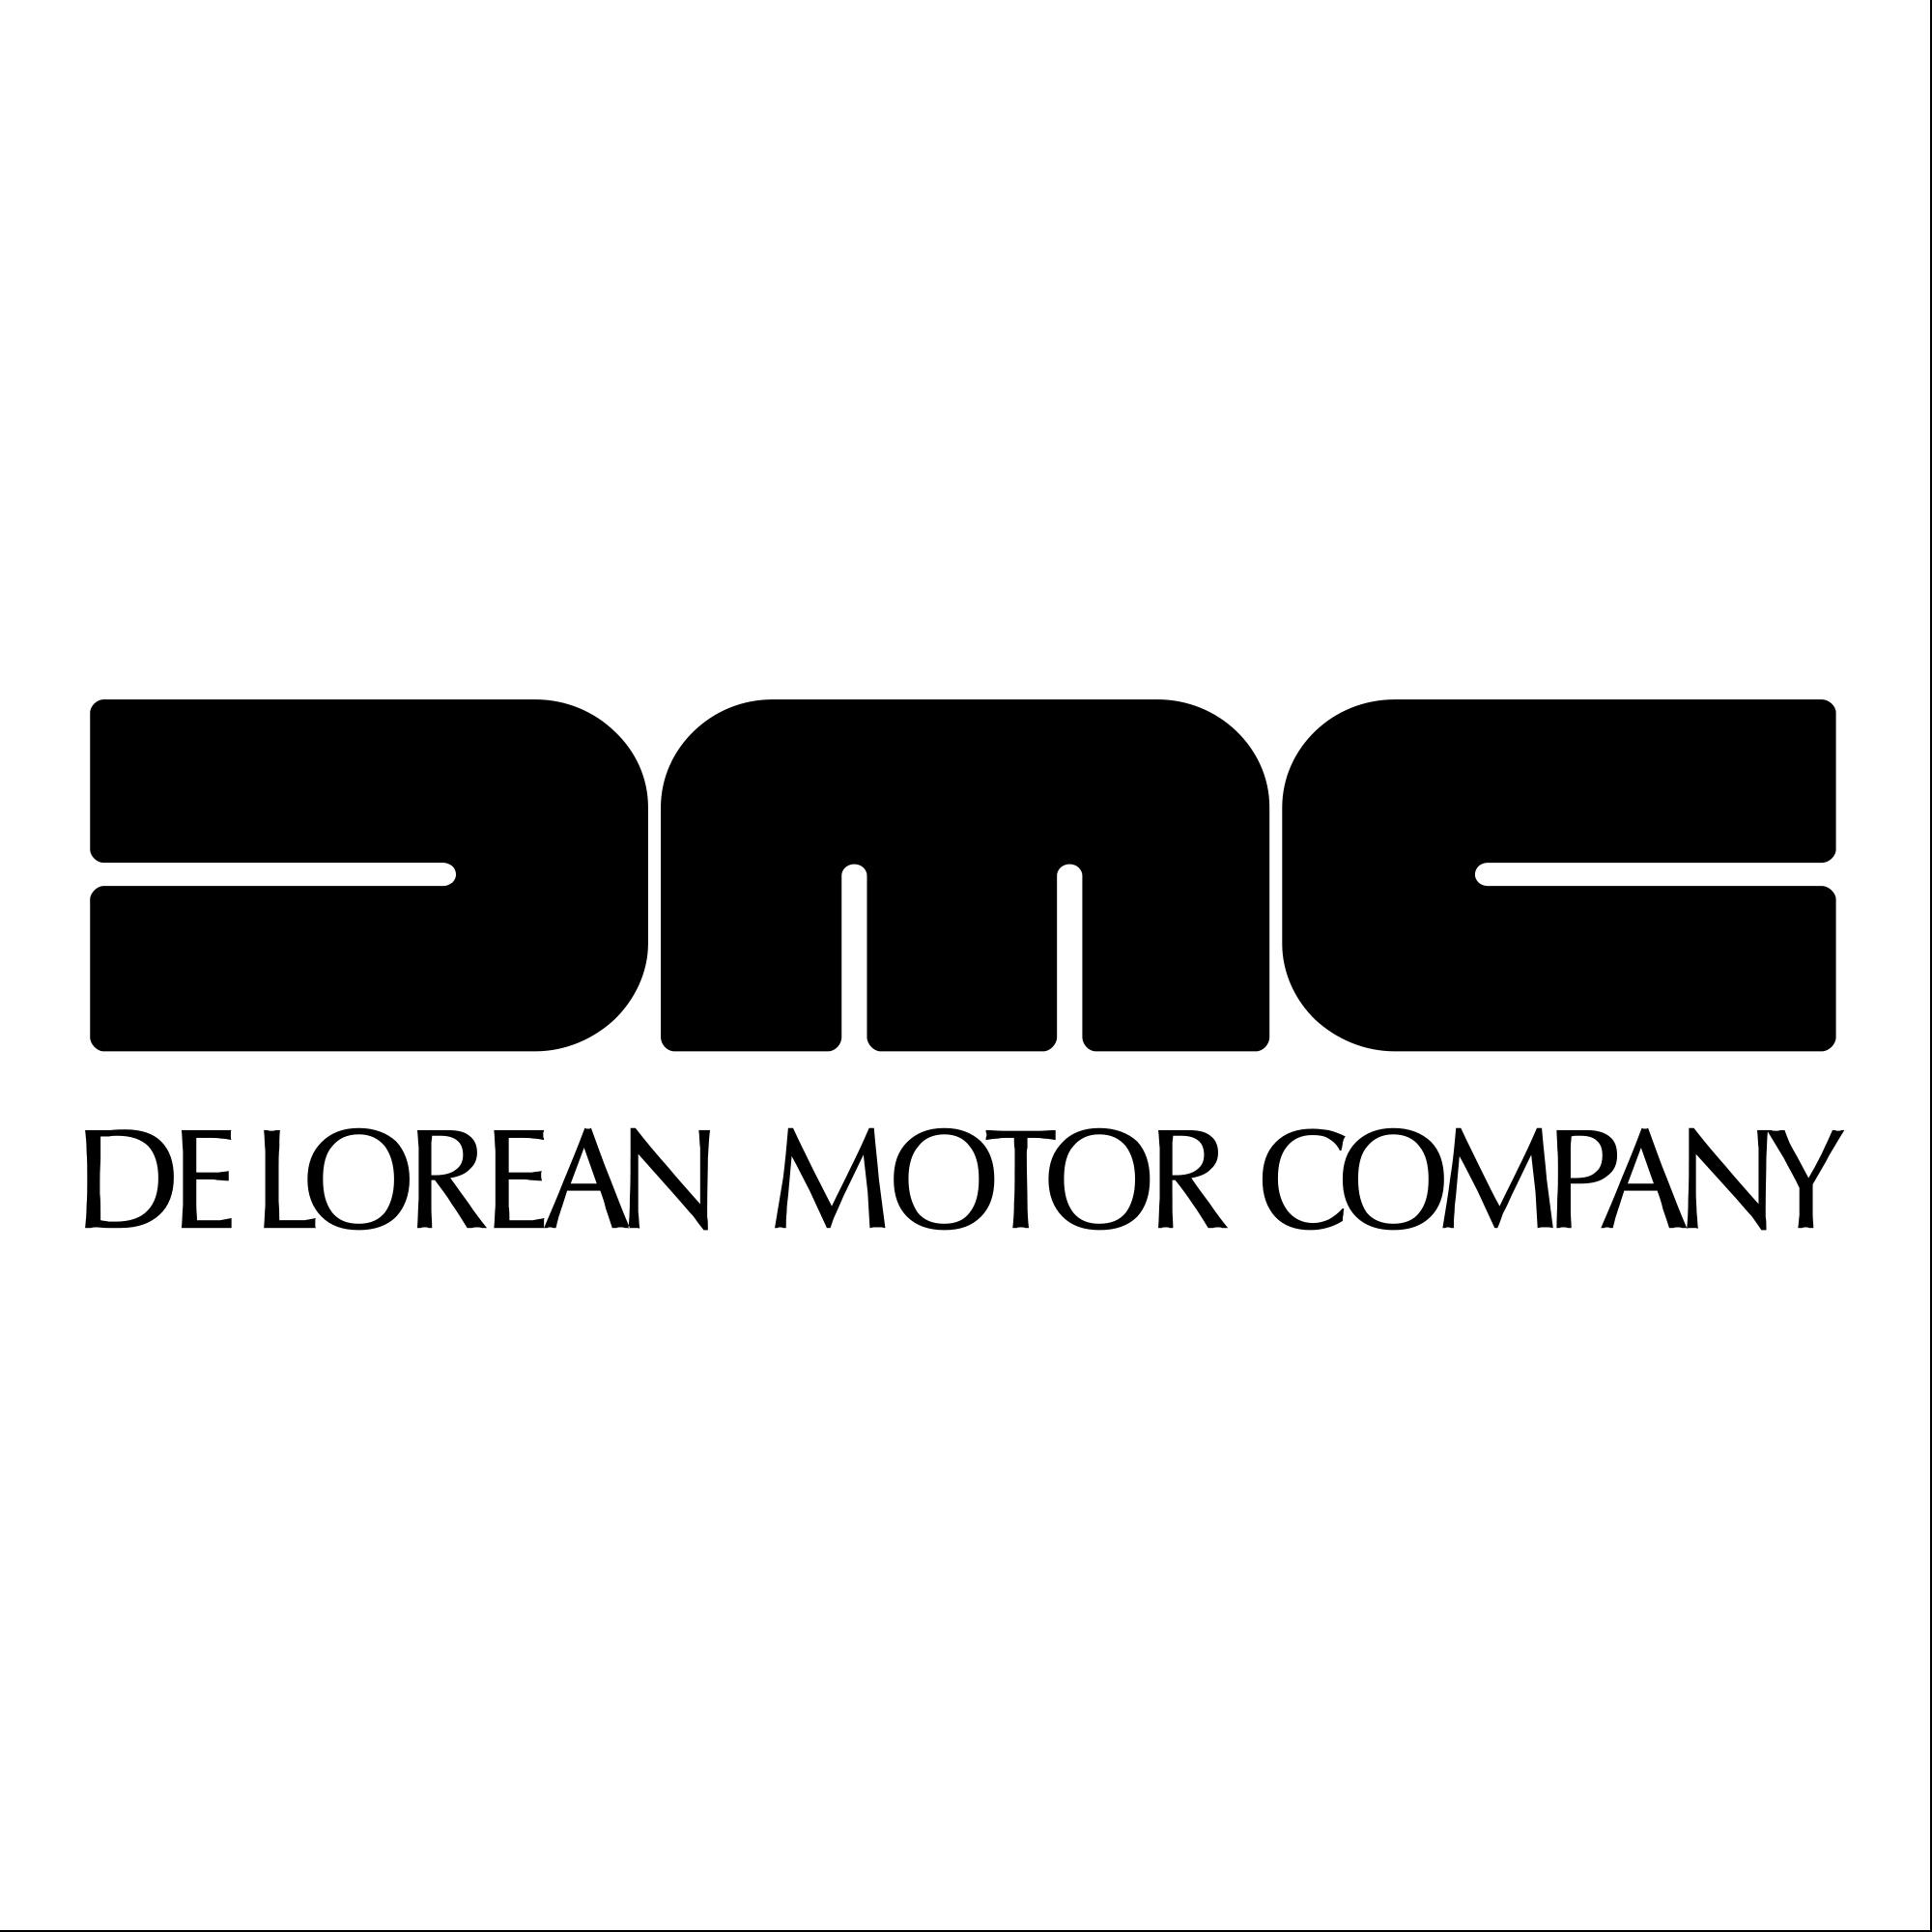 DMC - Delorean Motor Company - Avtocompany Logo Vector PNG - Avtocompany PNG